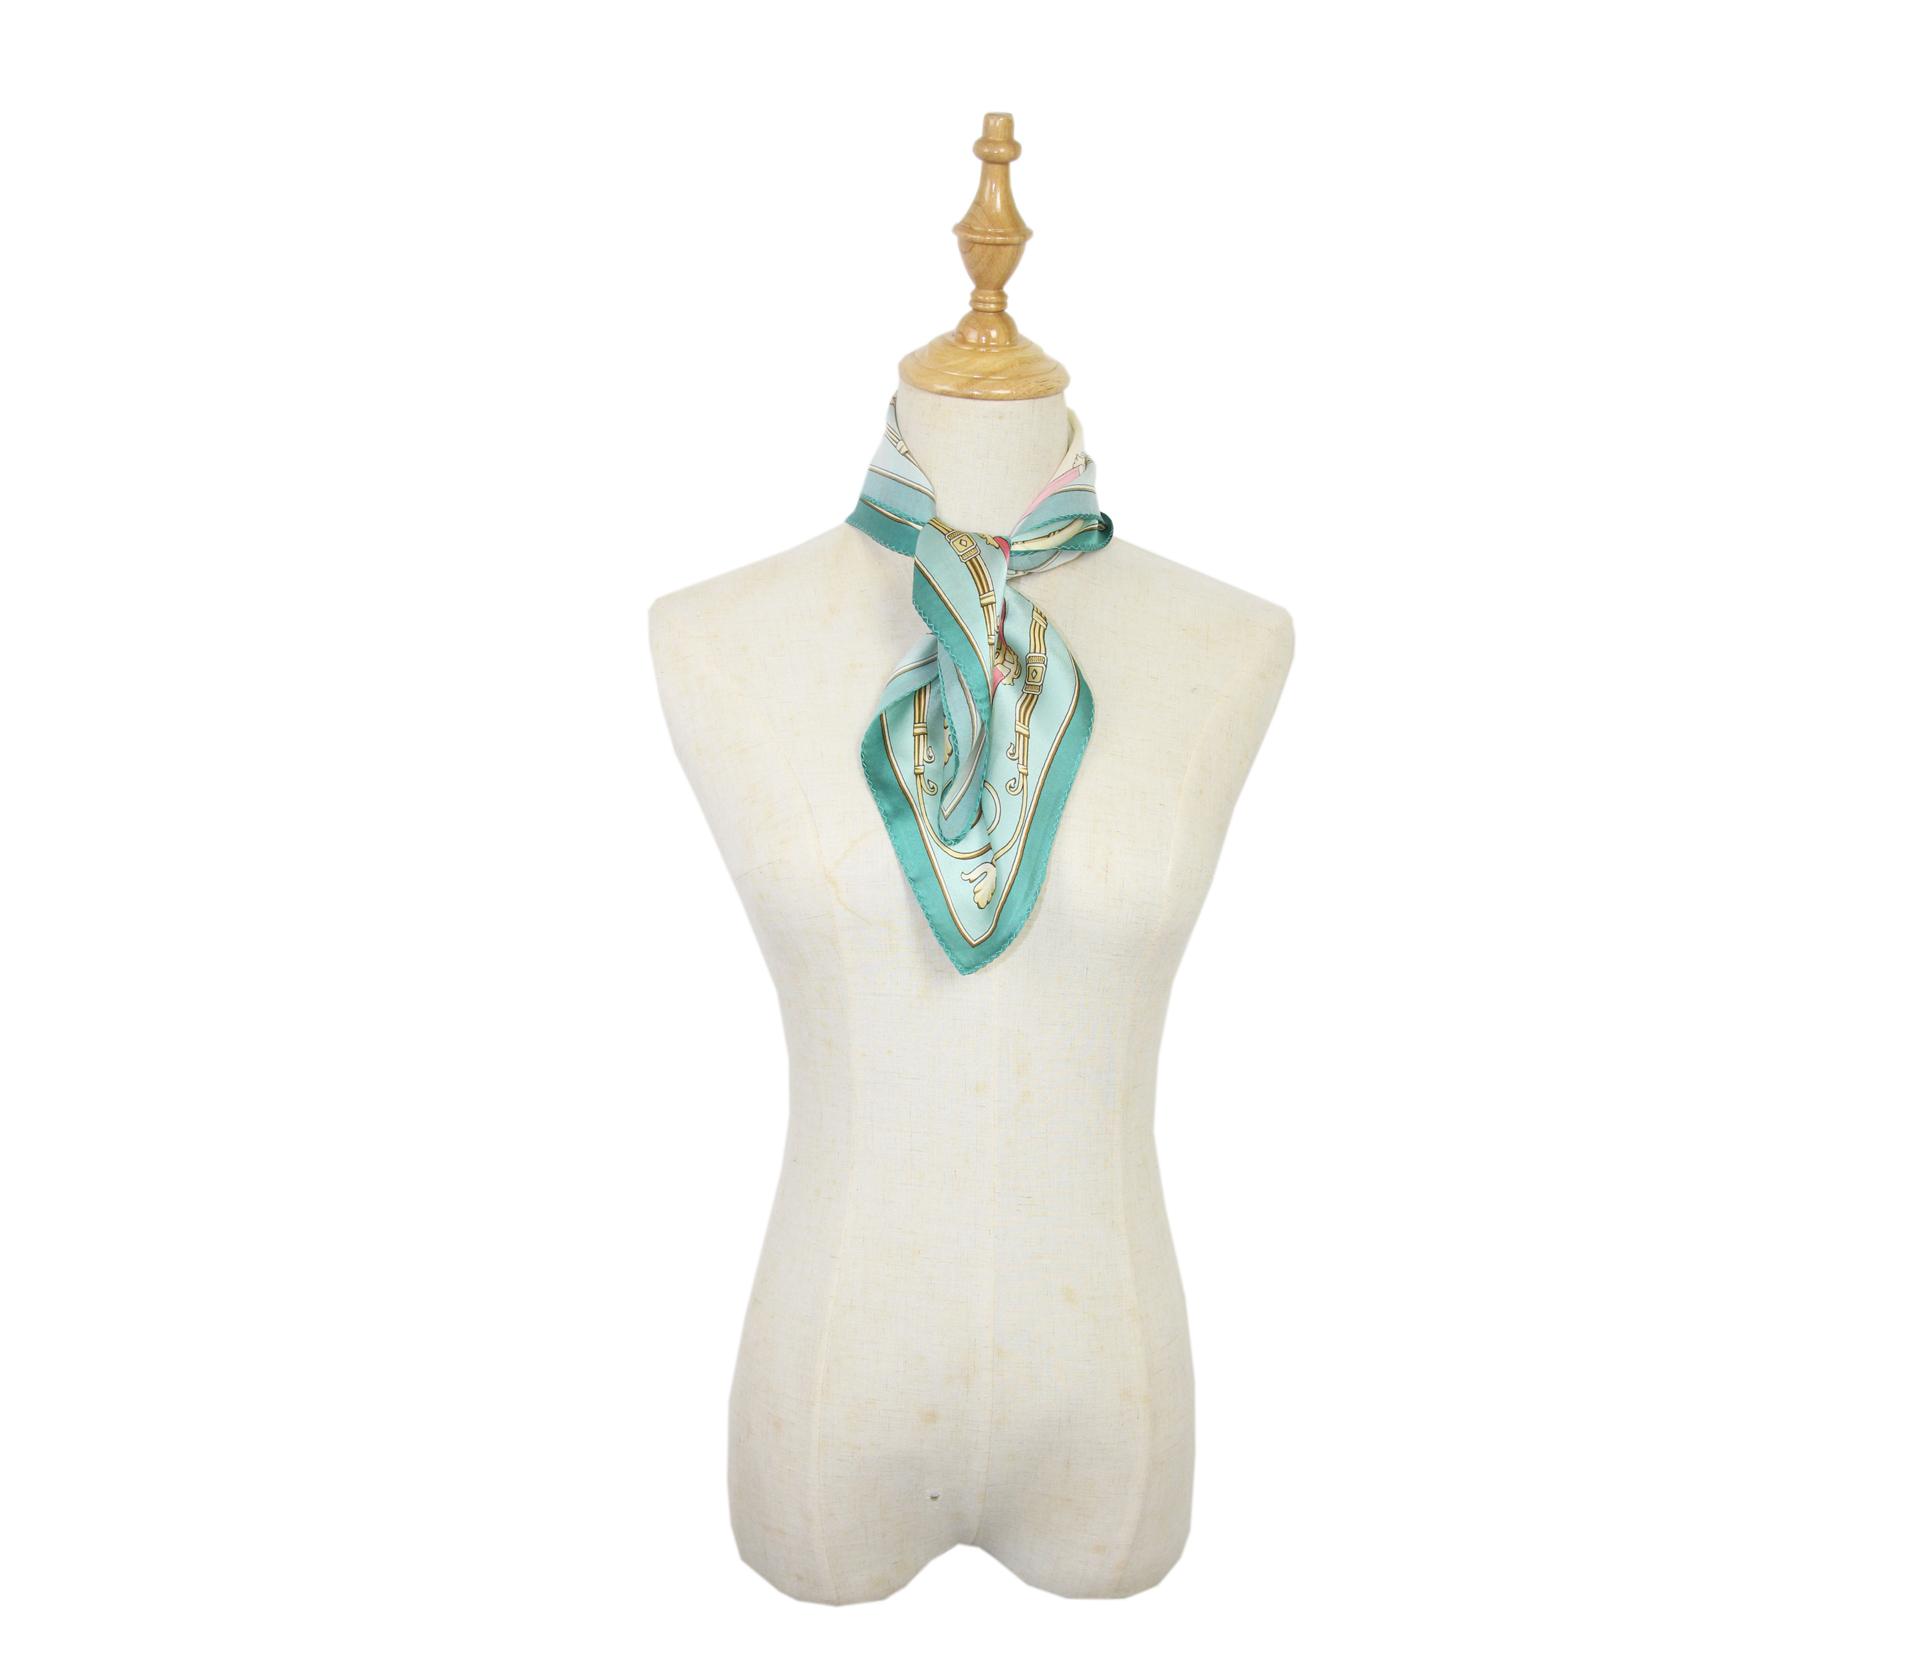 闕蘭絹宮廷馬車100%蠶絲方巾(53*53)- 綠色 - S24-5